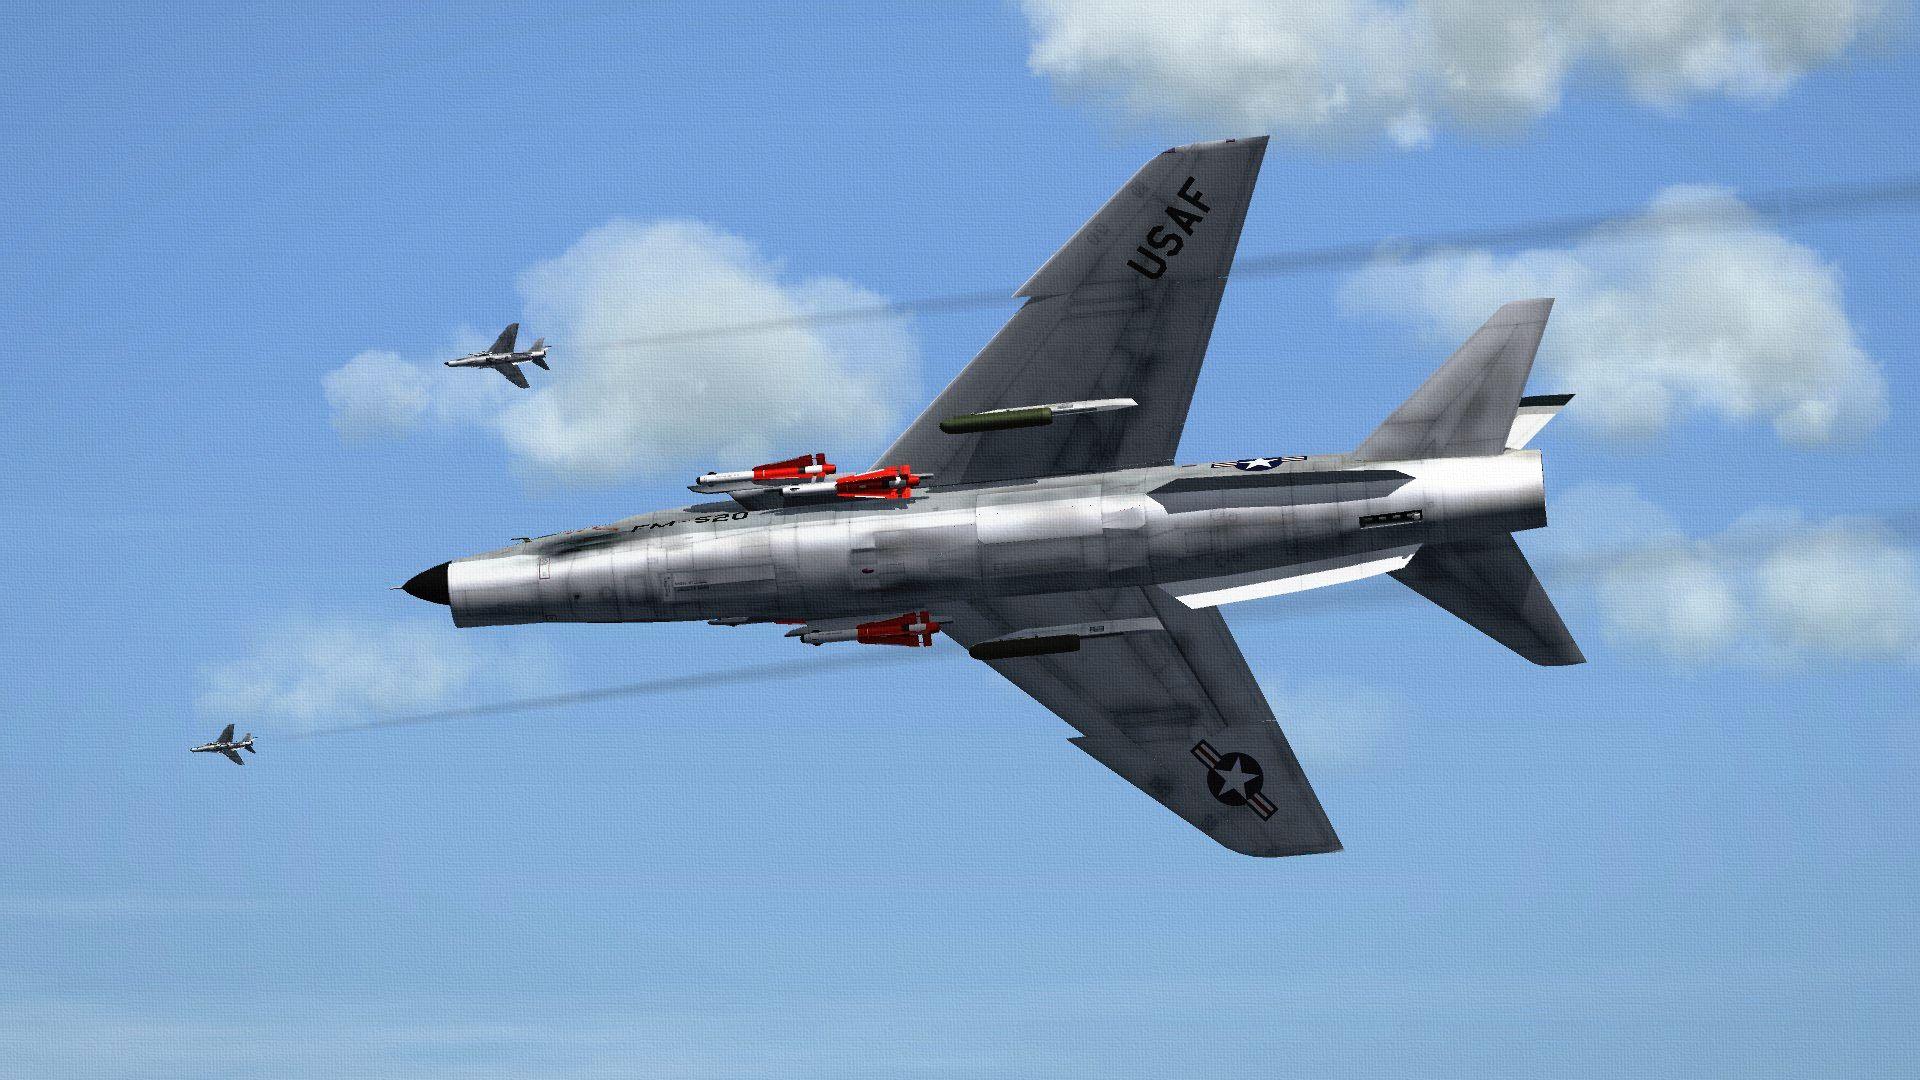 USAFF-8FCRUSADER03_zpsce948255.jpg